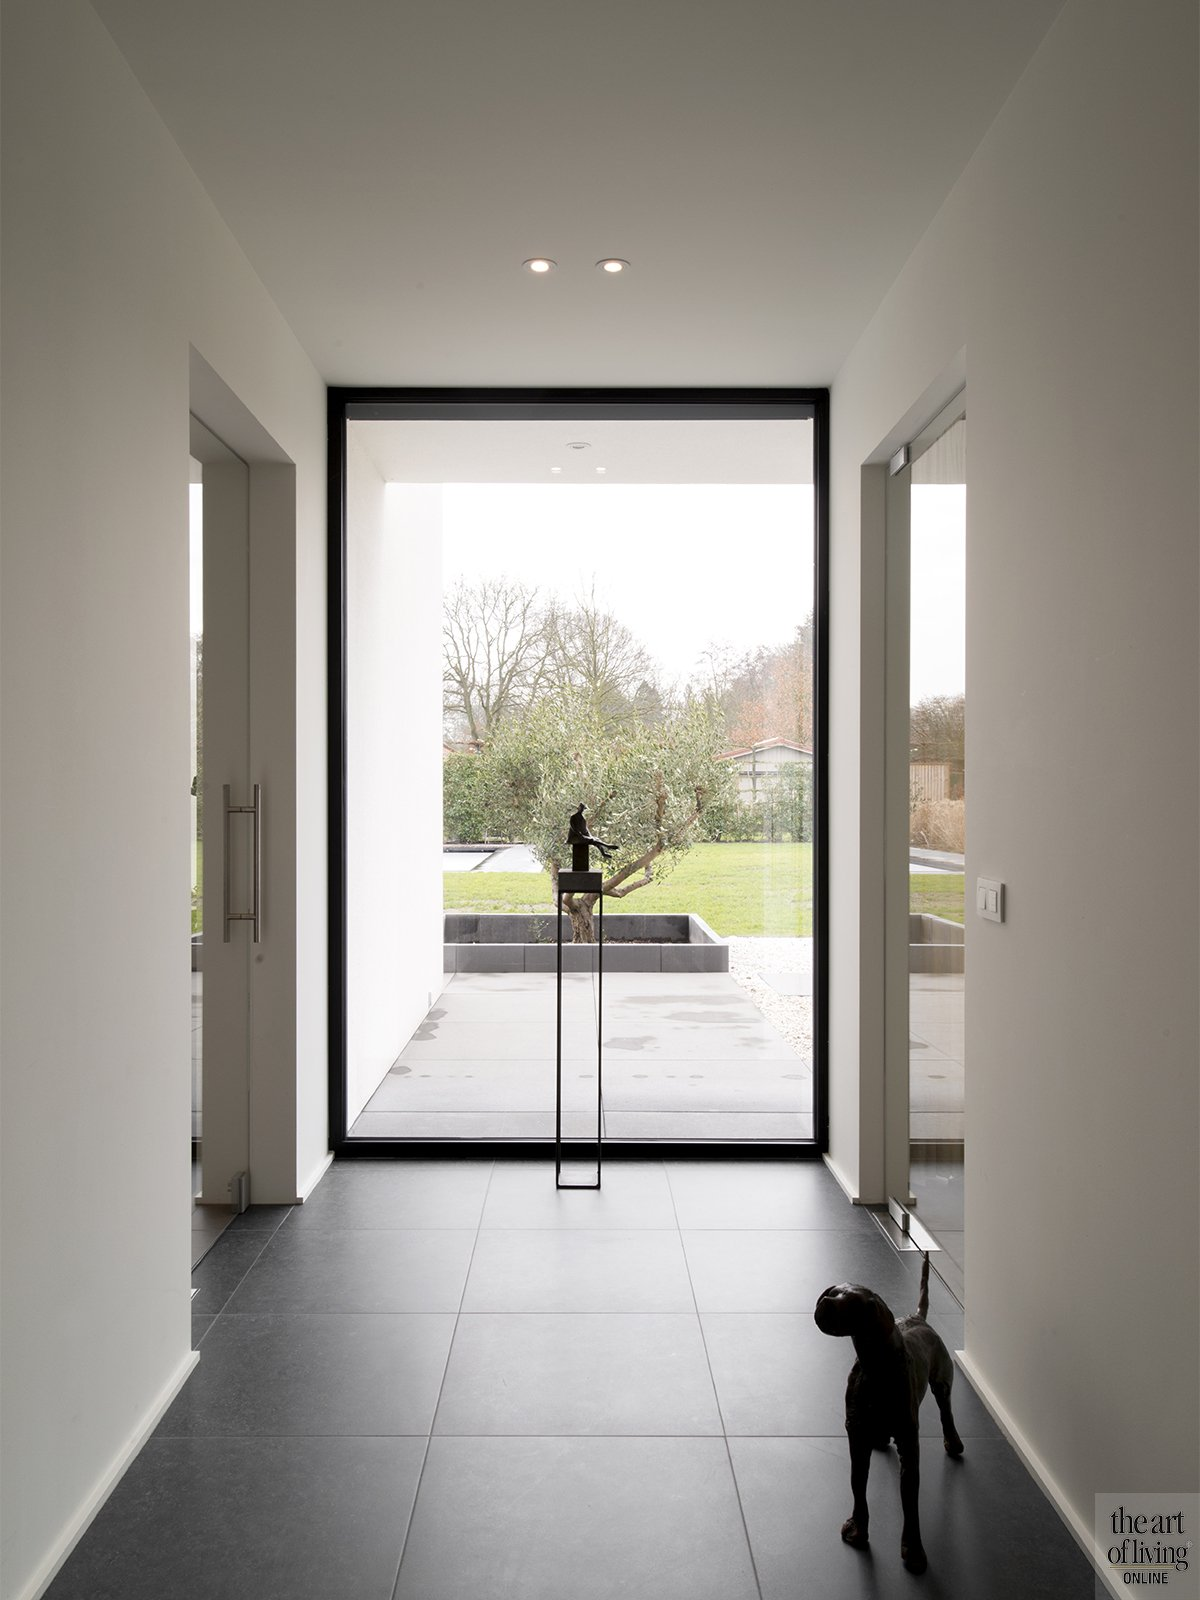 Tijdloos wonen, Kris van den Broeck, Modern interieur, Wit interieur, Strak Interieur, Raampartij, Doorkijkje